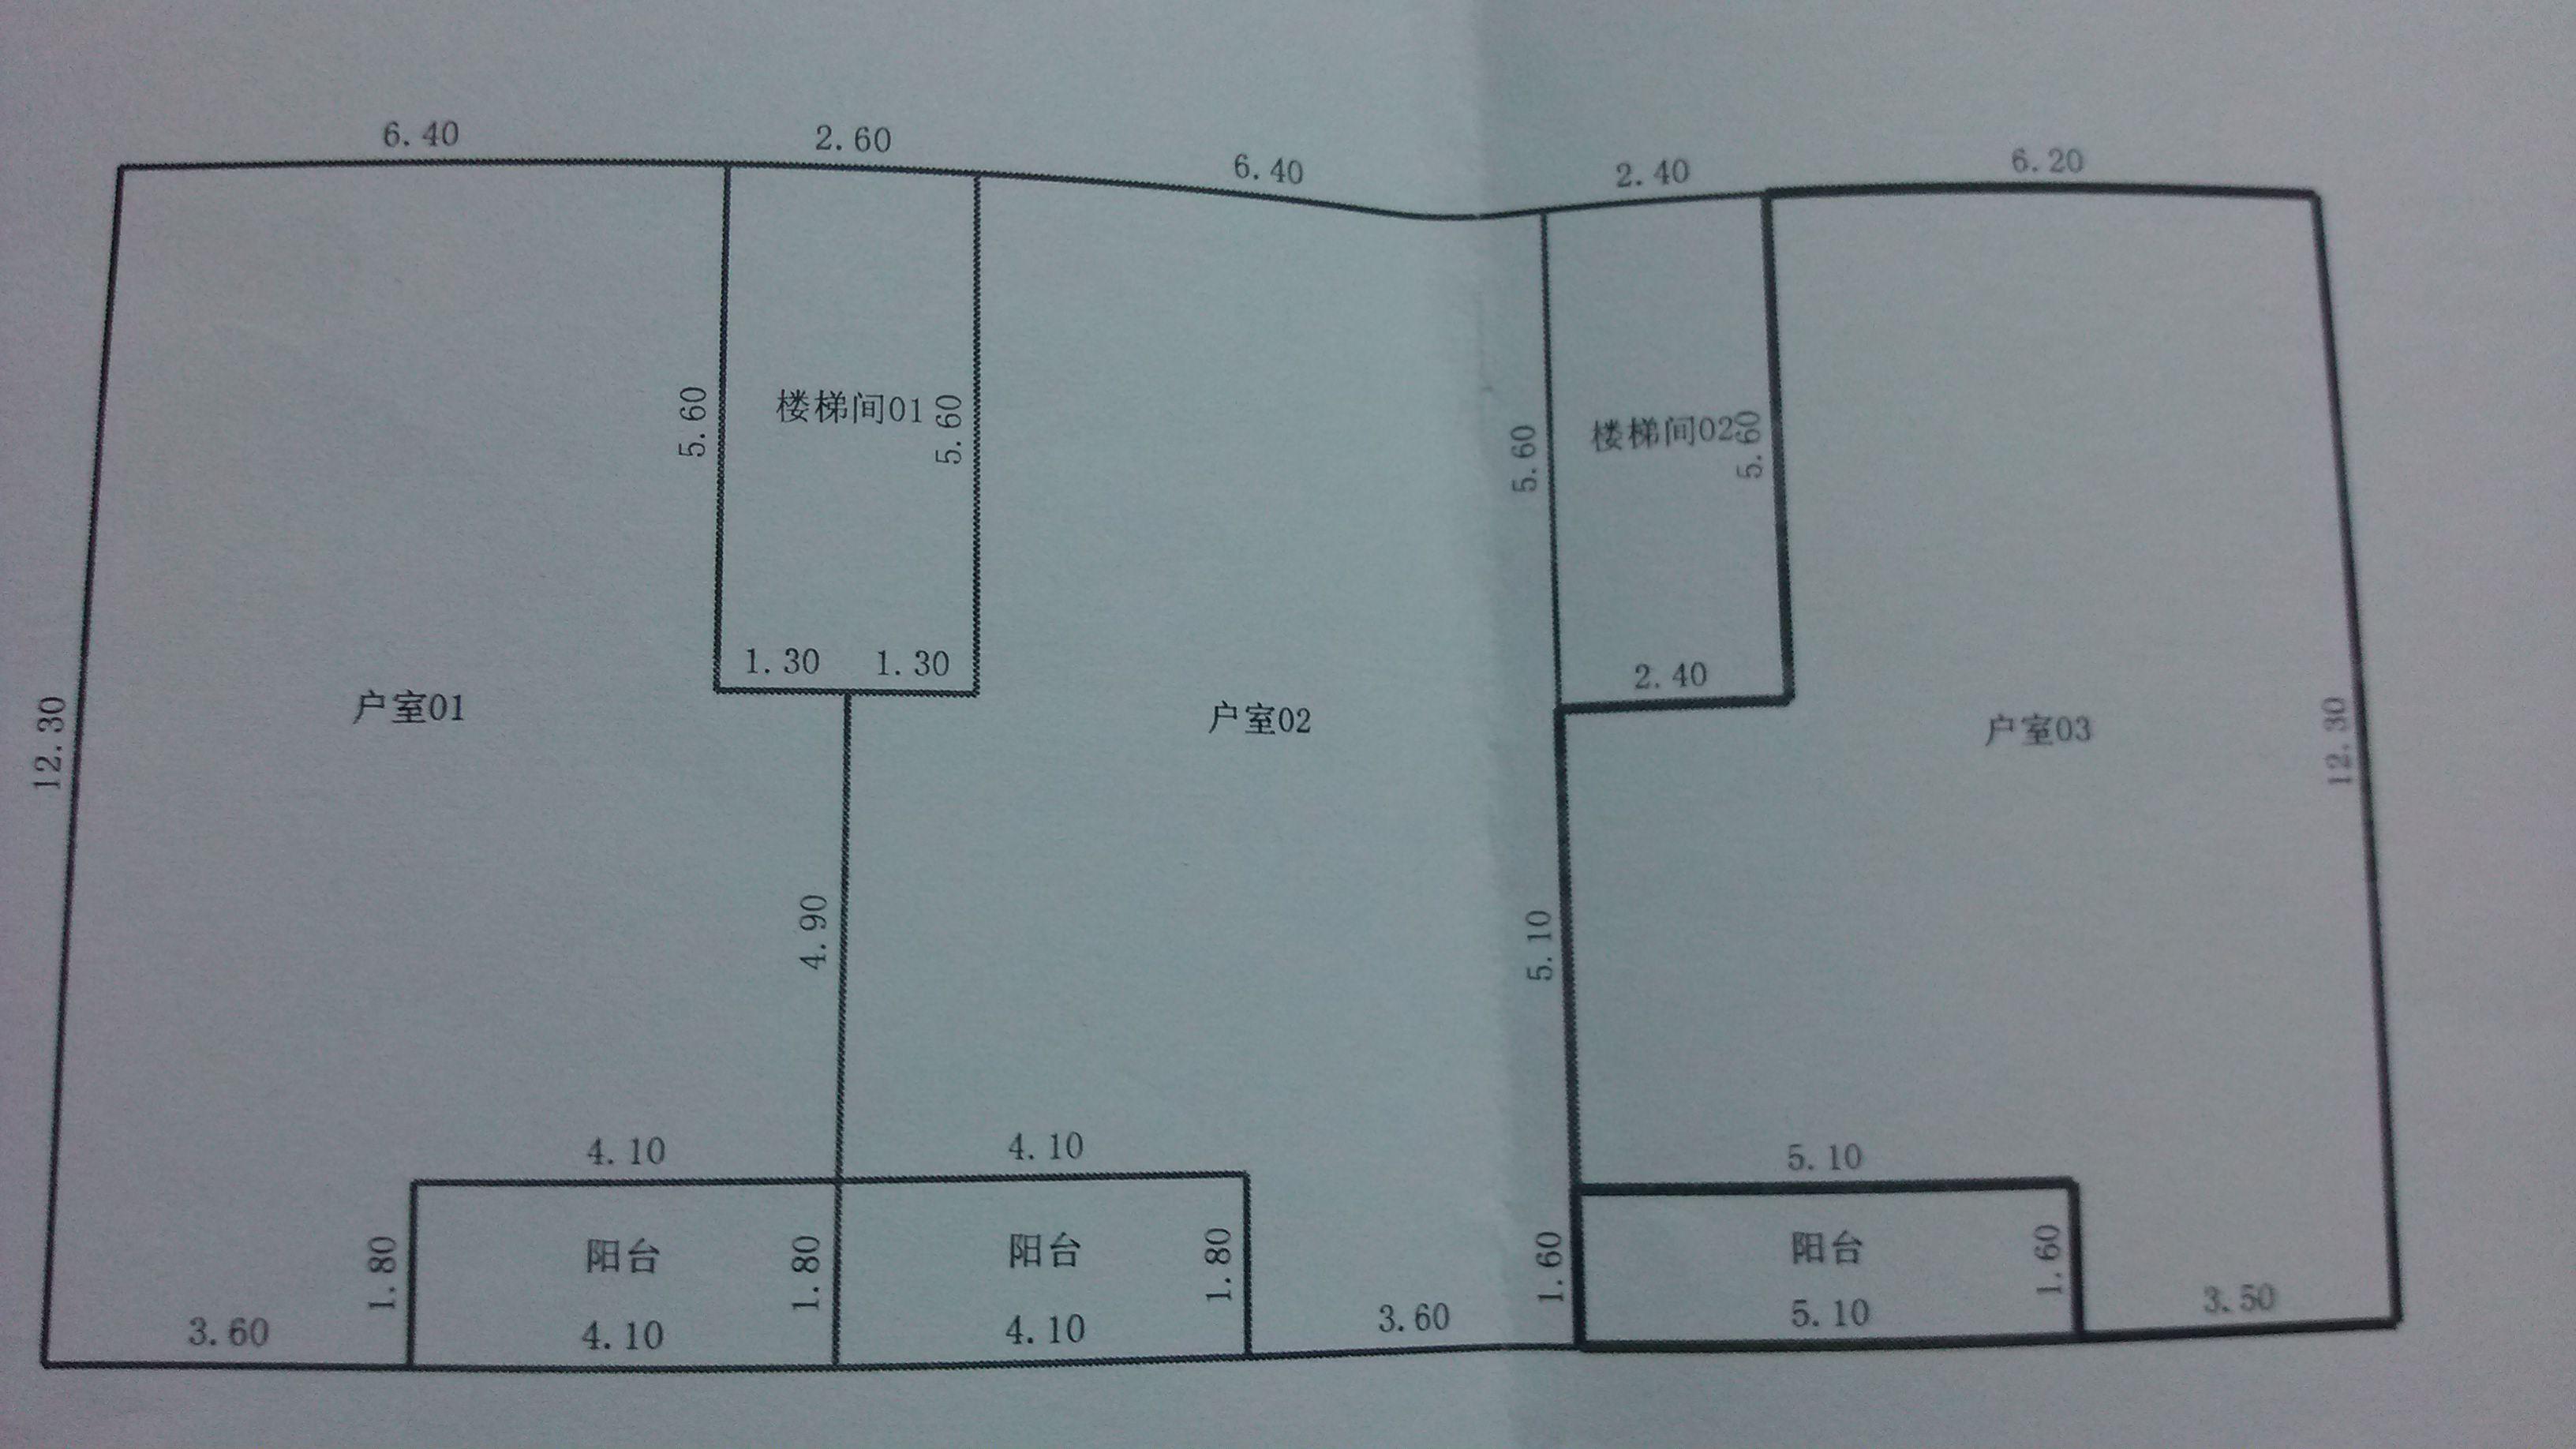 房产证上的房屋分户平面图面积怎么计算?